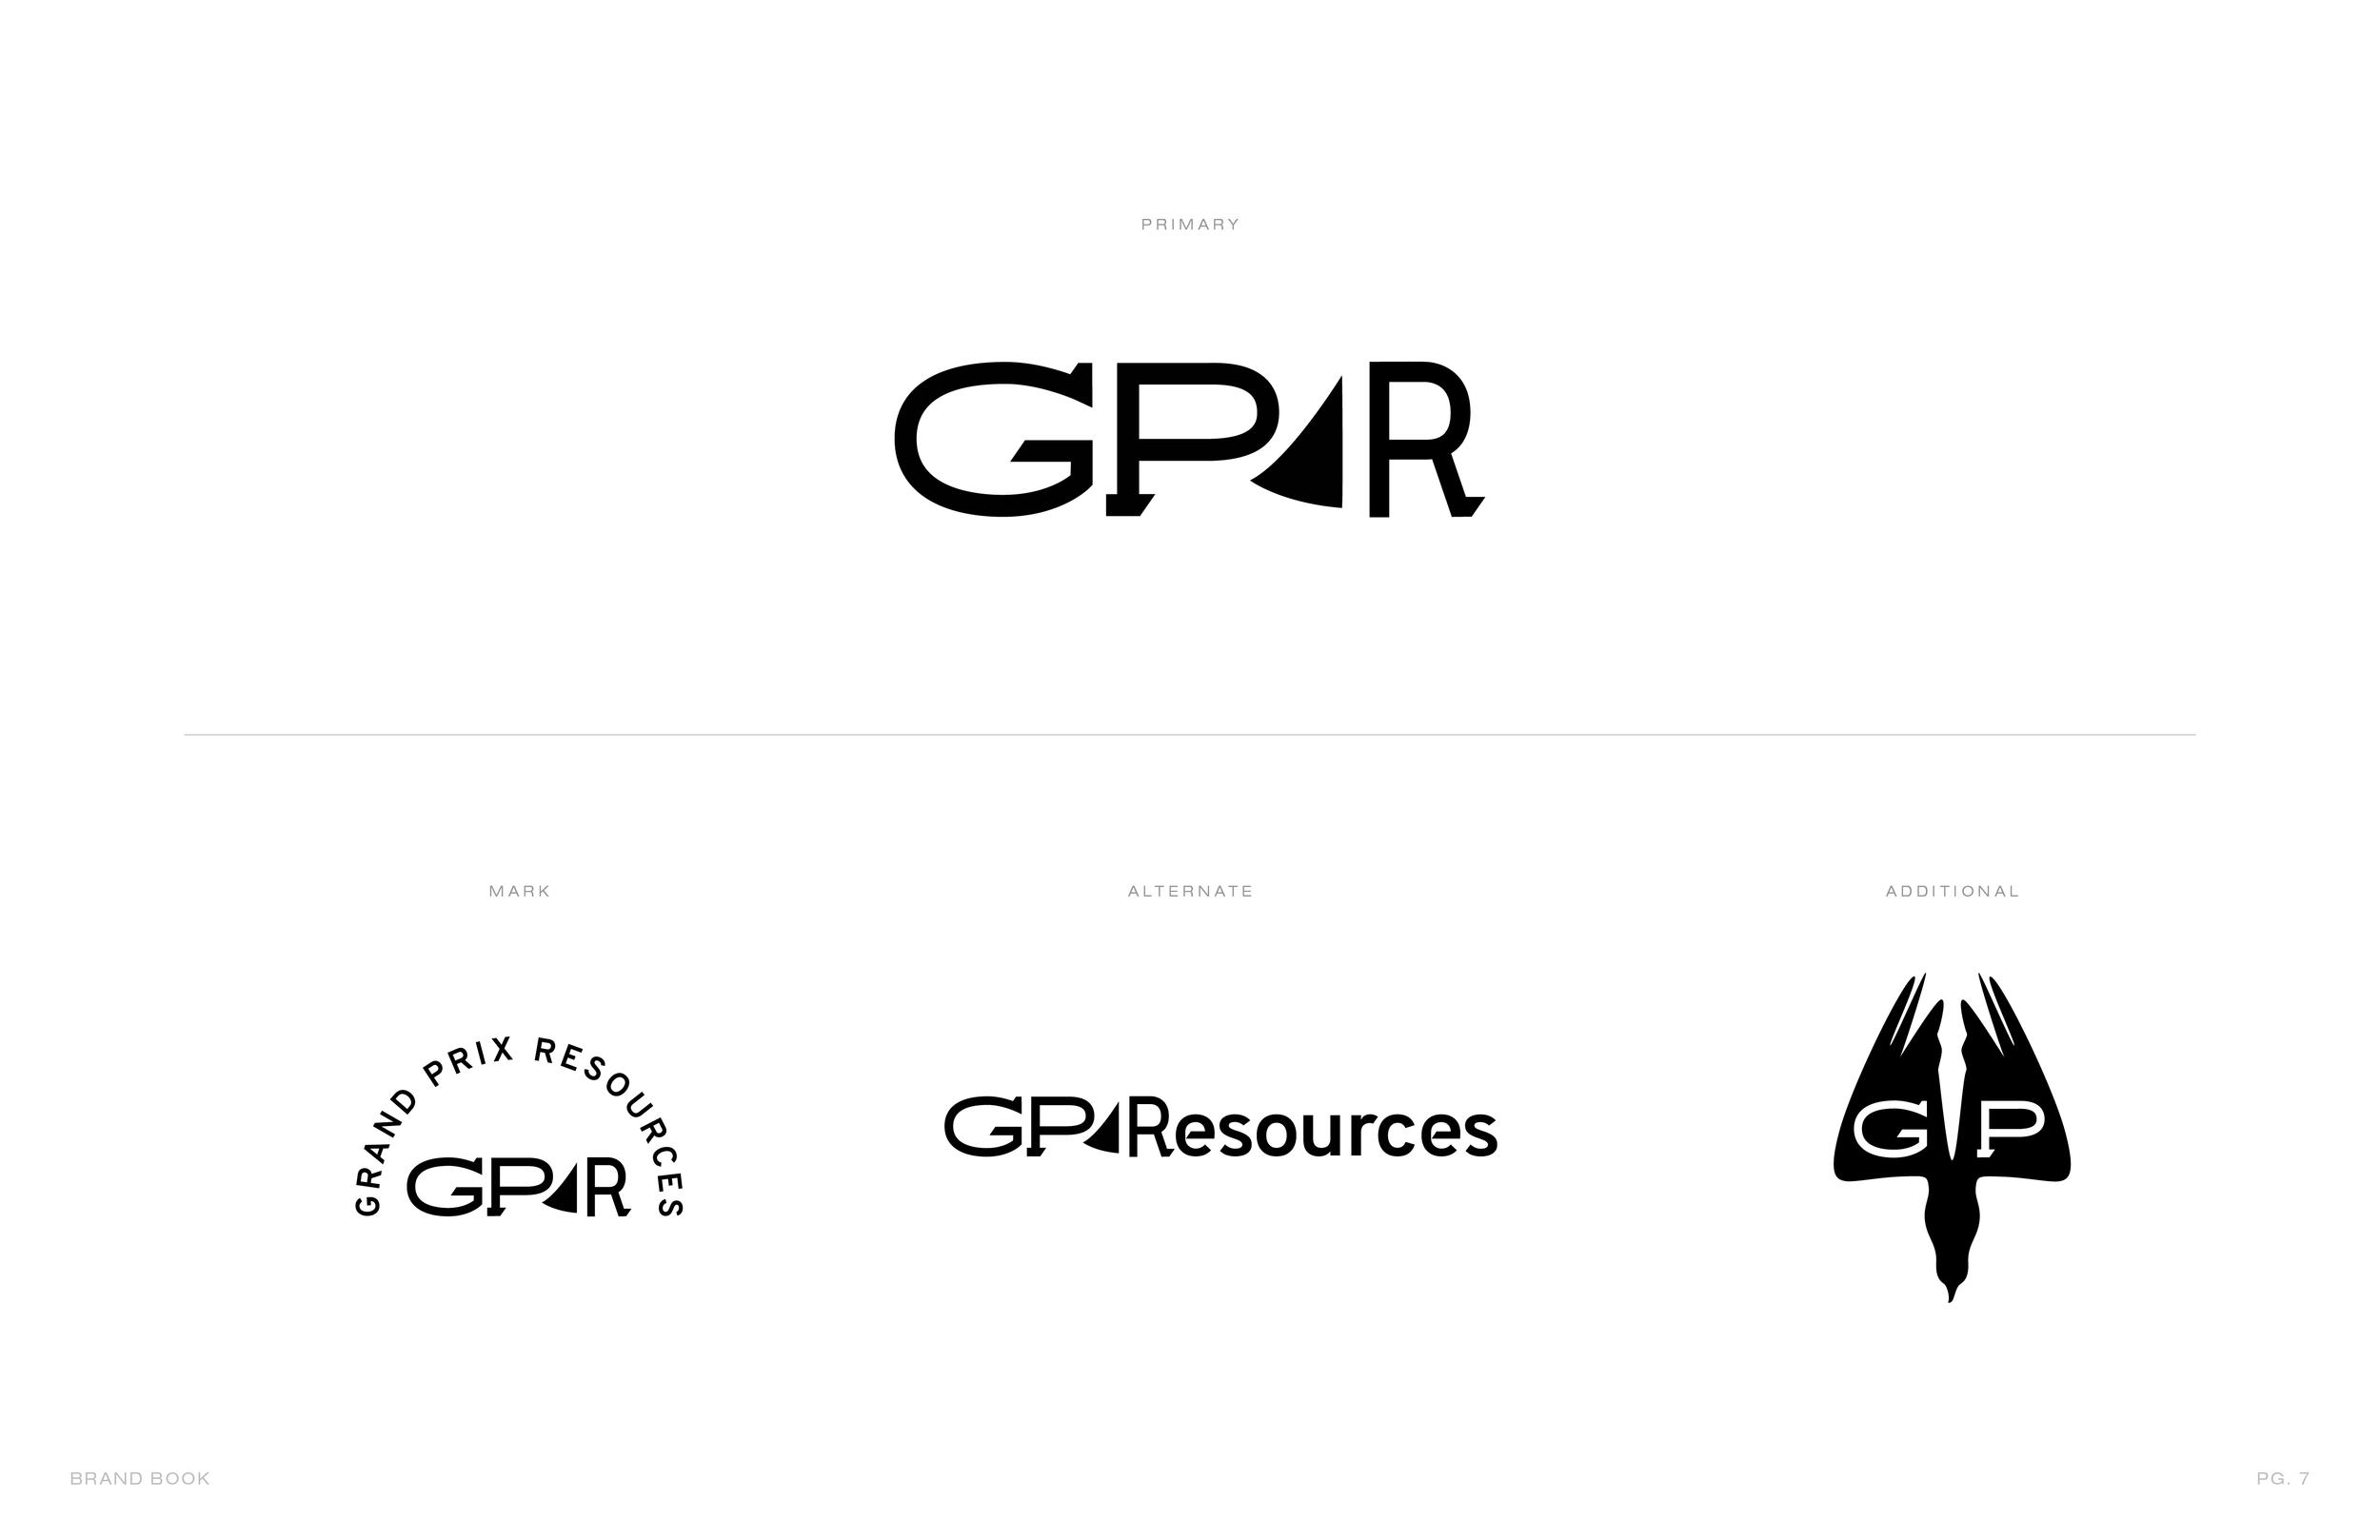 GPR_BrandBook_v47.png